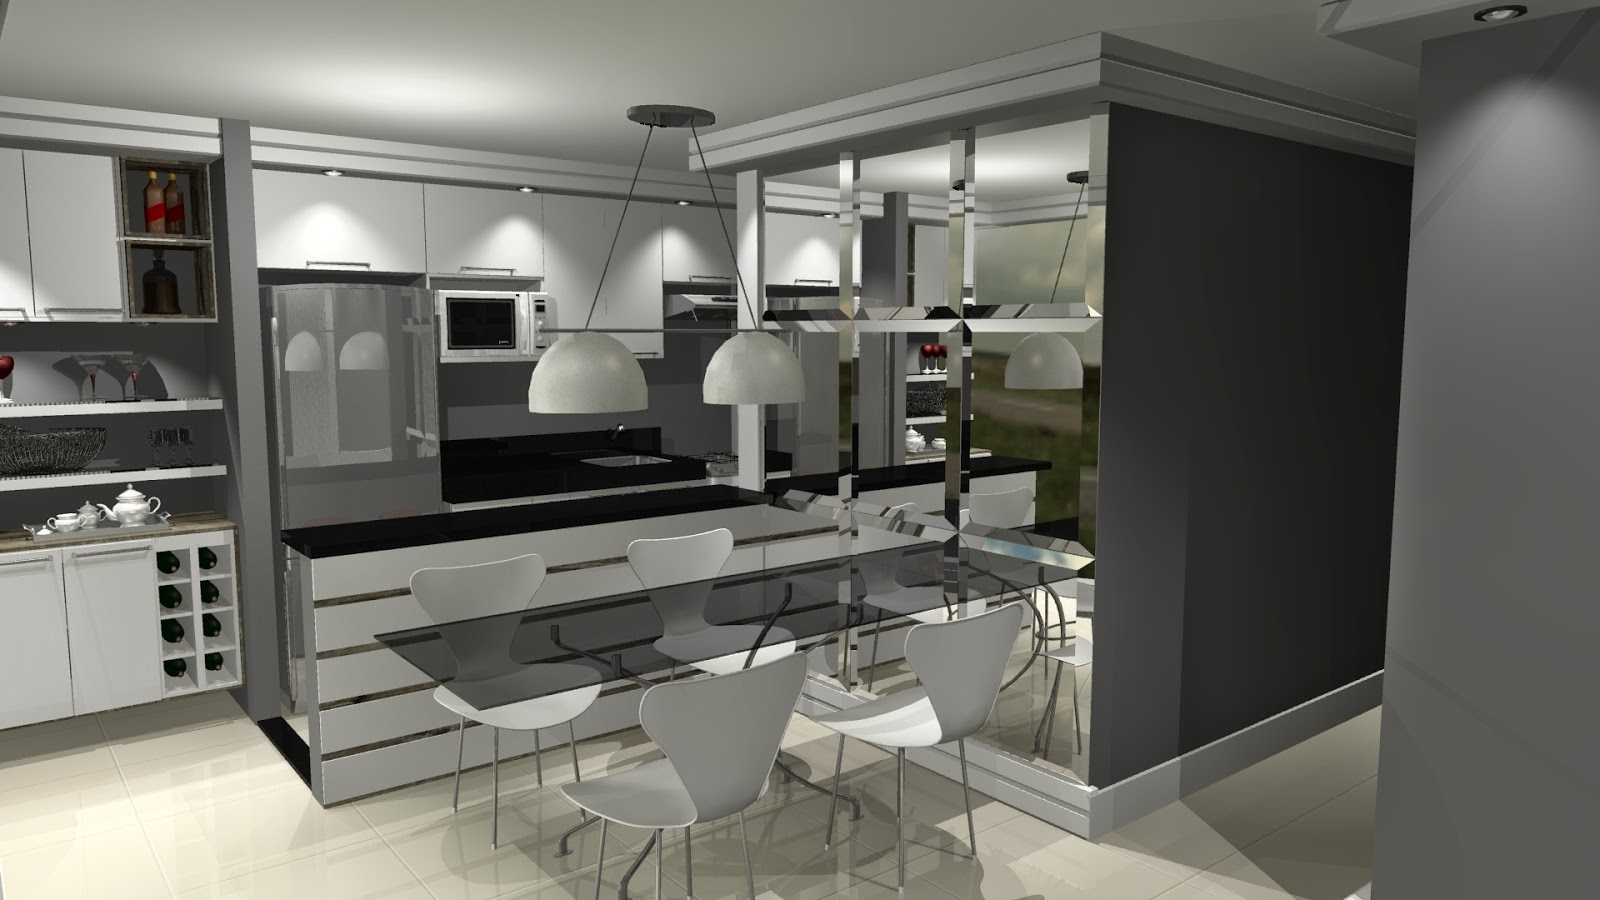 Cozinha integrada com sala ao lado da cozinha fizemos um barzinho #736F58 1600 900